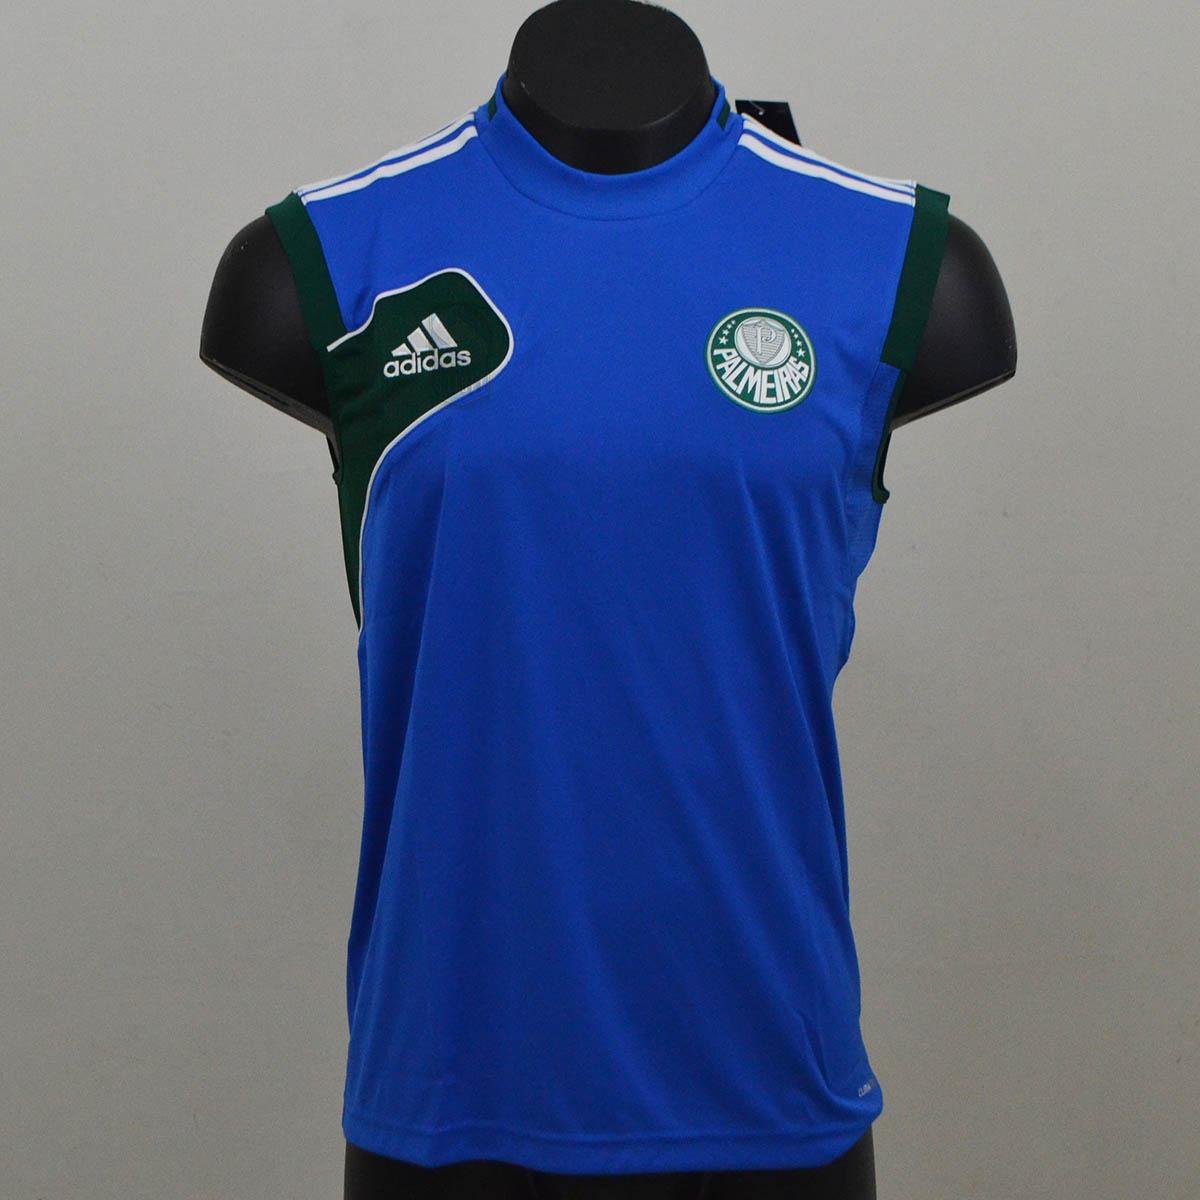 5f4a07d3e5c47 Camisa adidas Palmeiras Machão 2012 Treino Orig De179